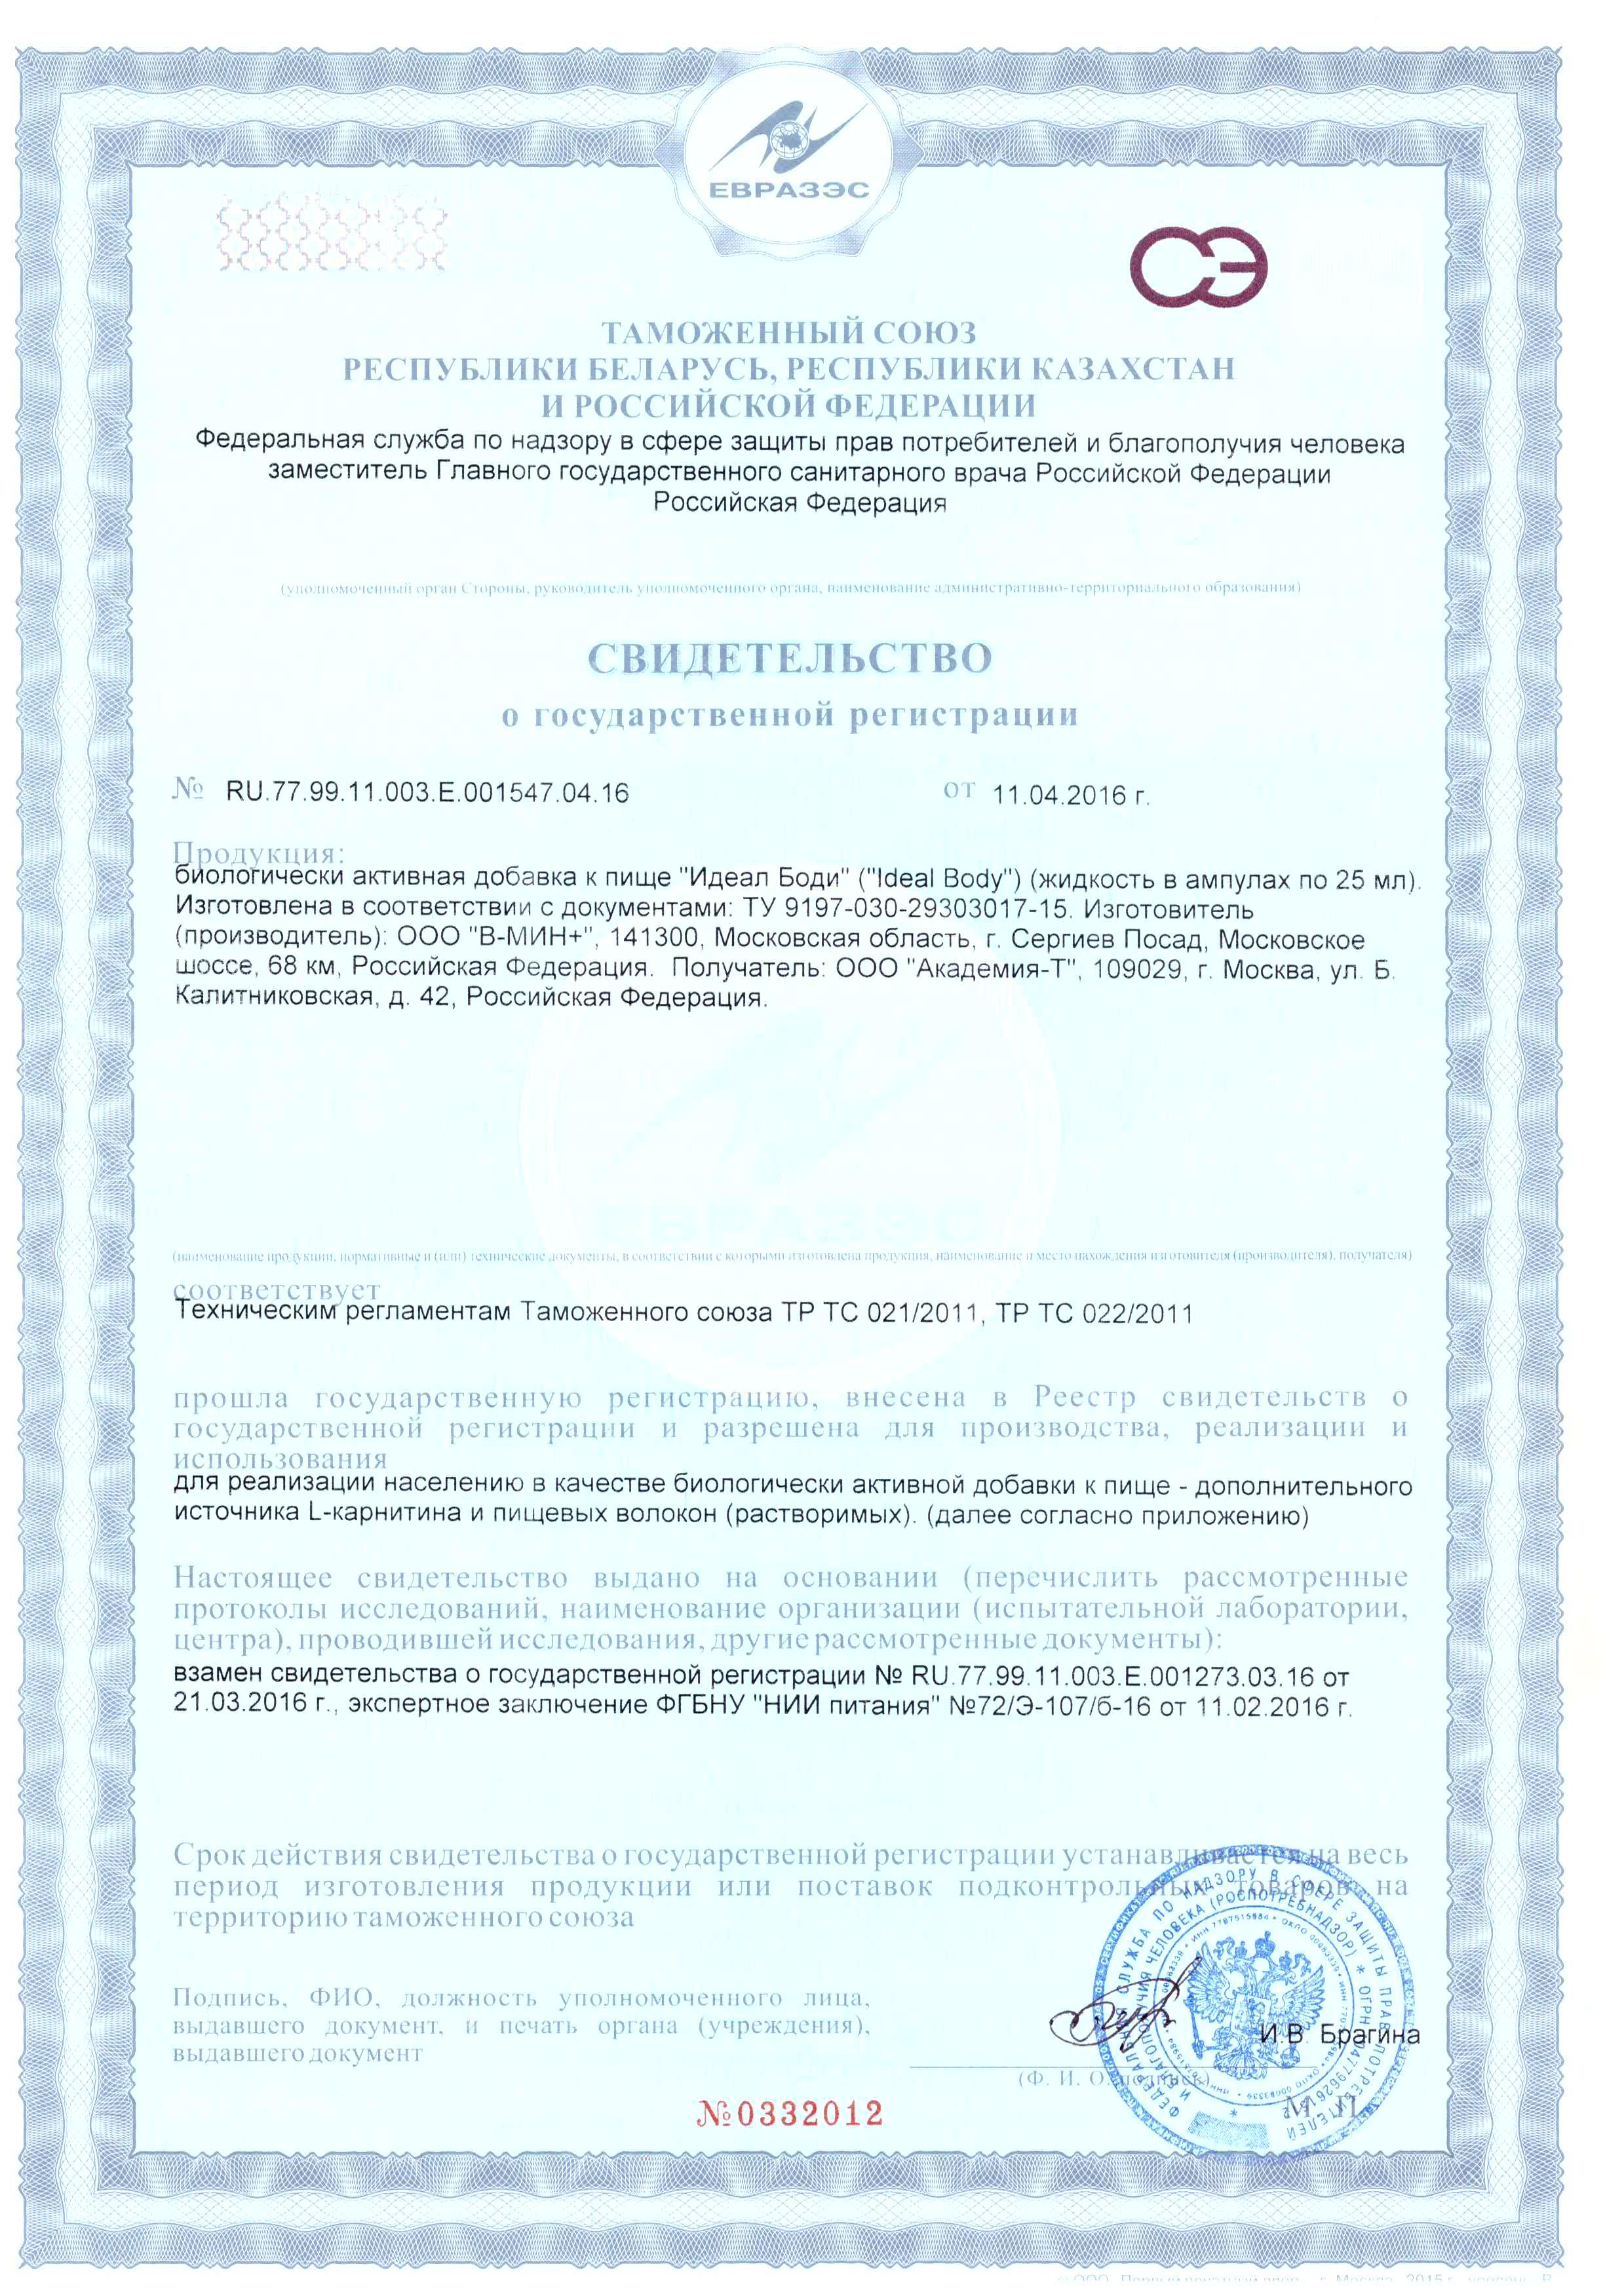 Сертификат Ideal Вody